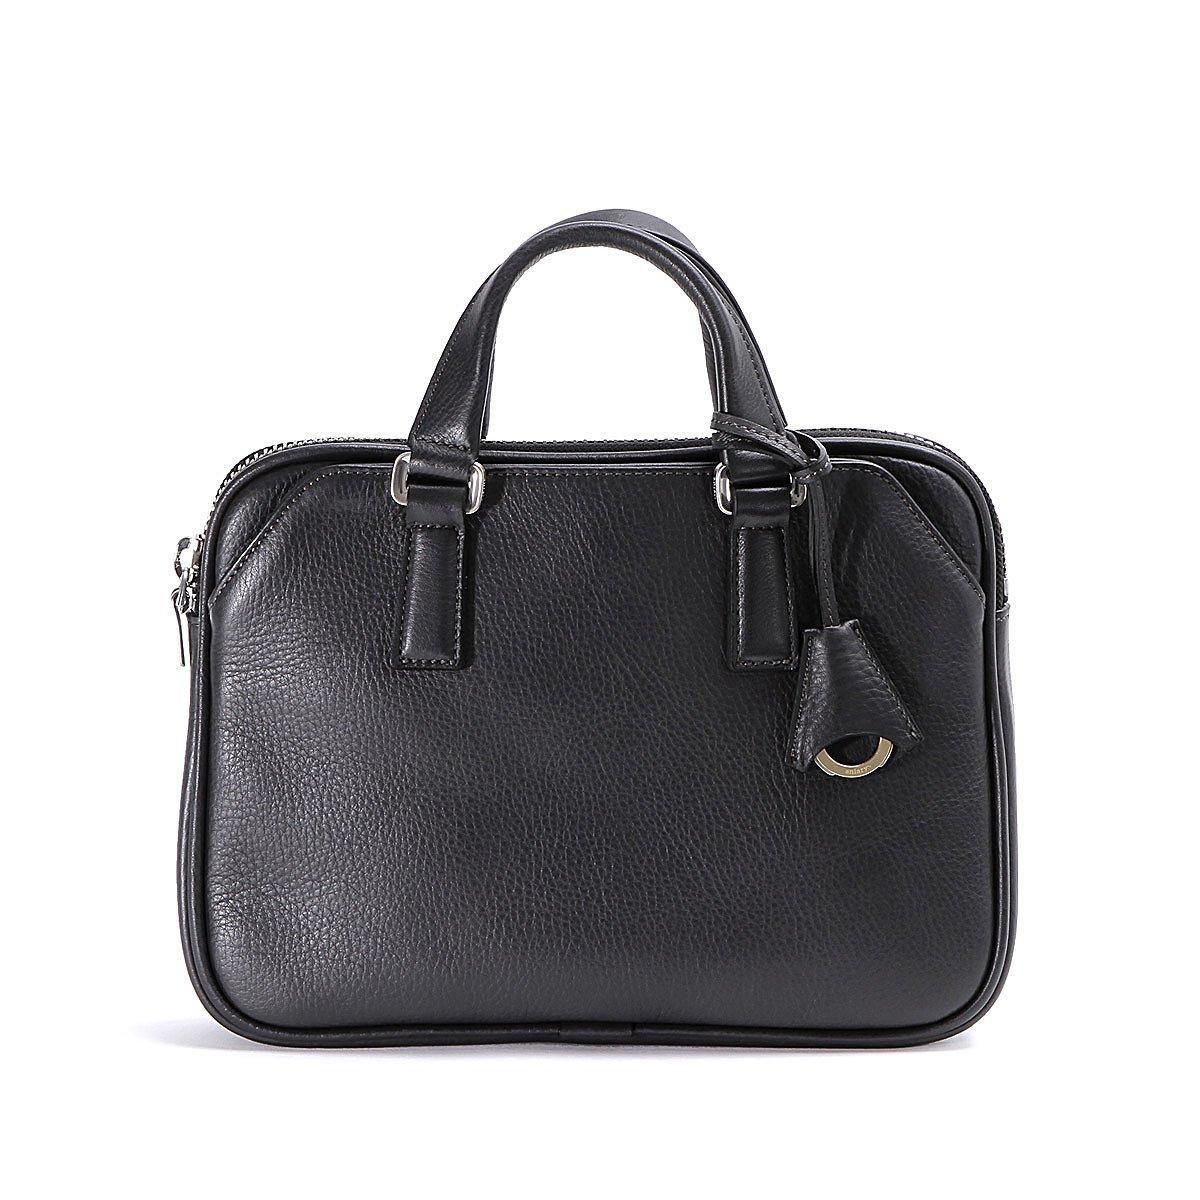 アニアリ クラッチ ミニブリーフバッグ Shrink Leather 07-01004 B0784GDT5Y チャコールグレー チャコールグレー